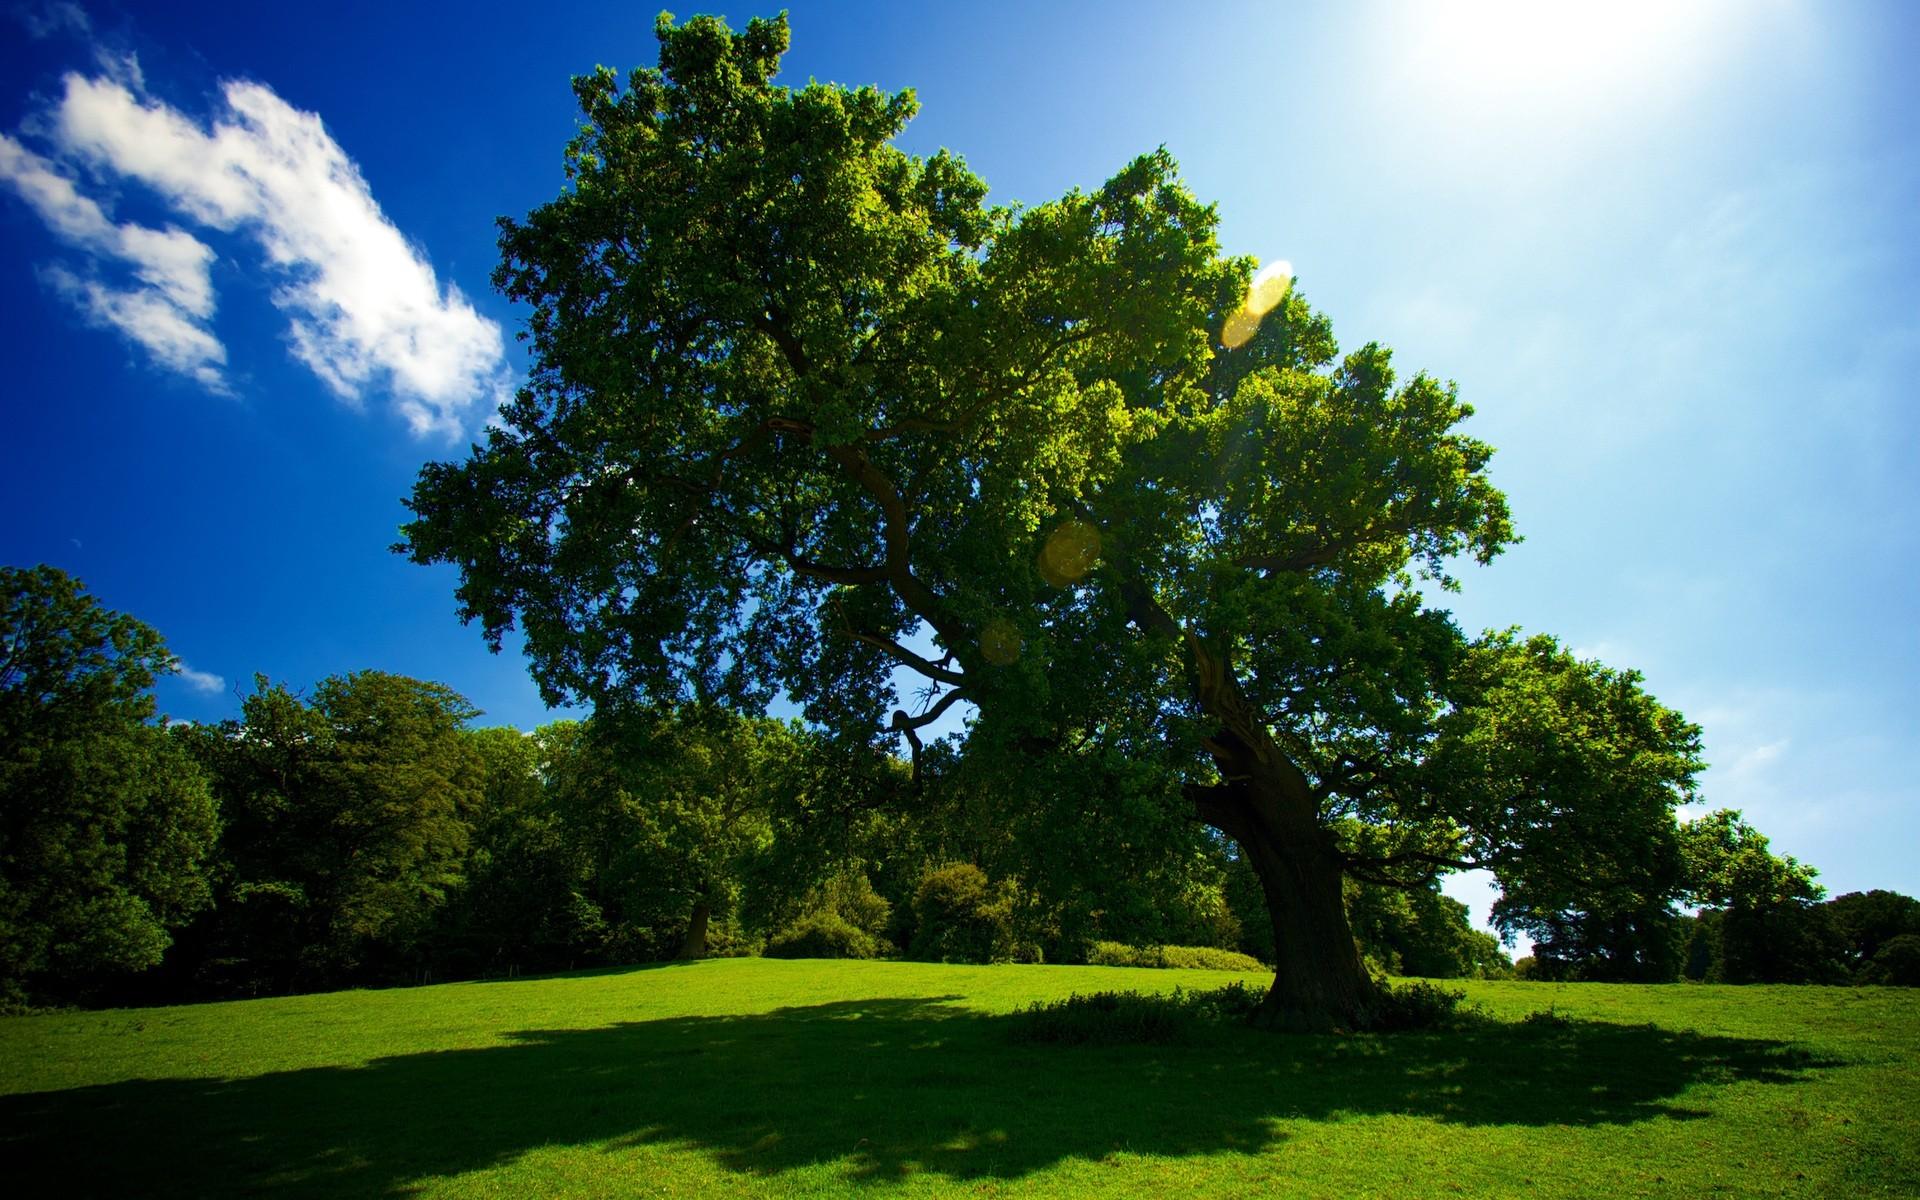 Днем, картинки красивые небо природа зеленая деревья